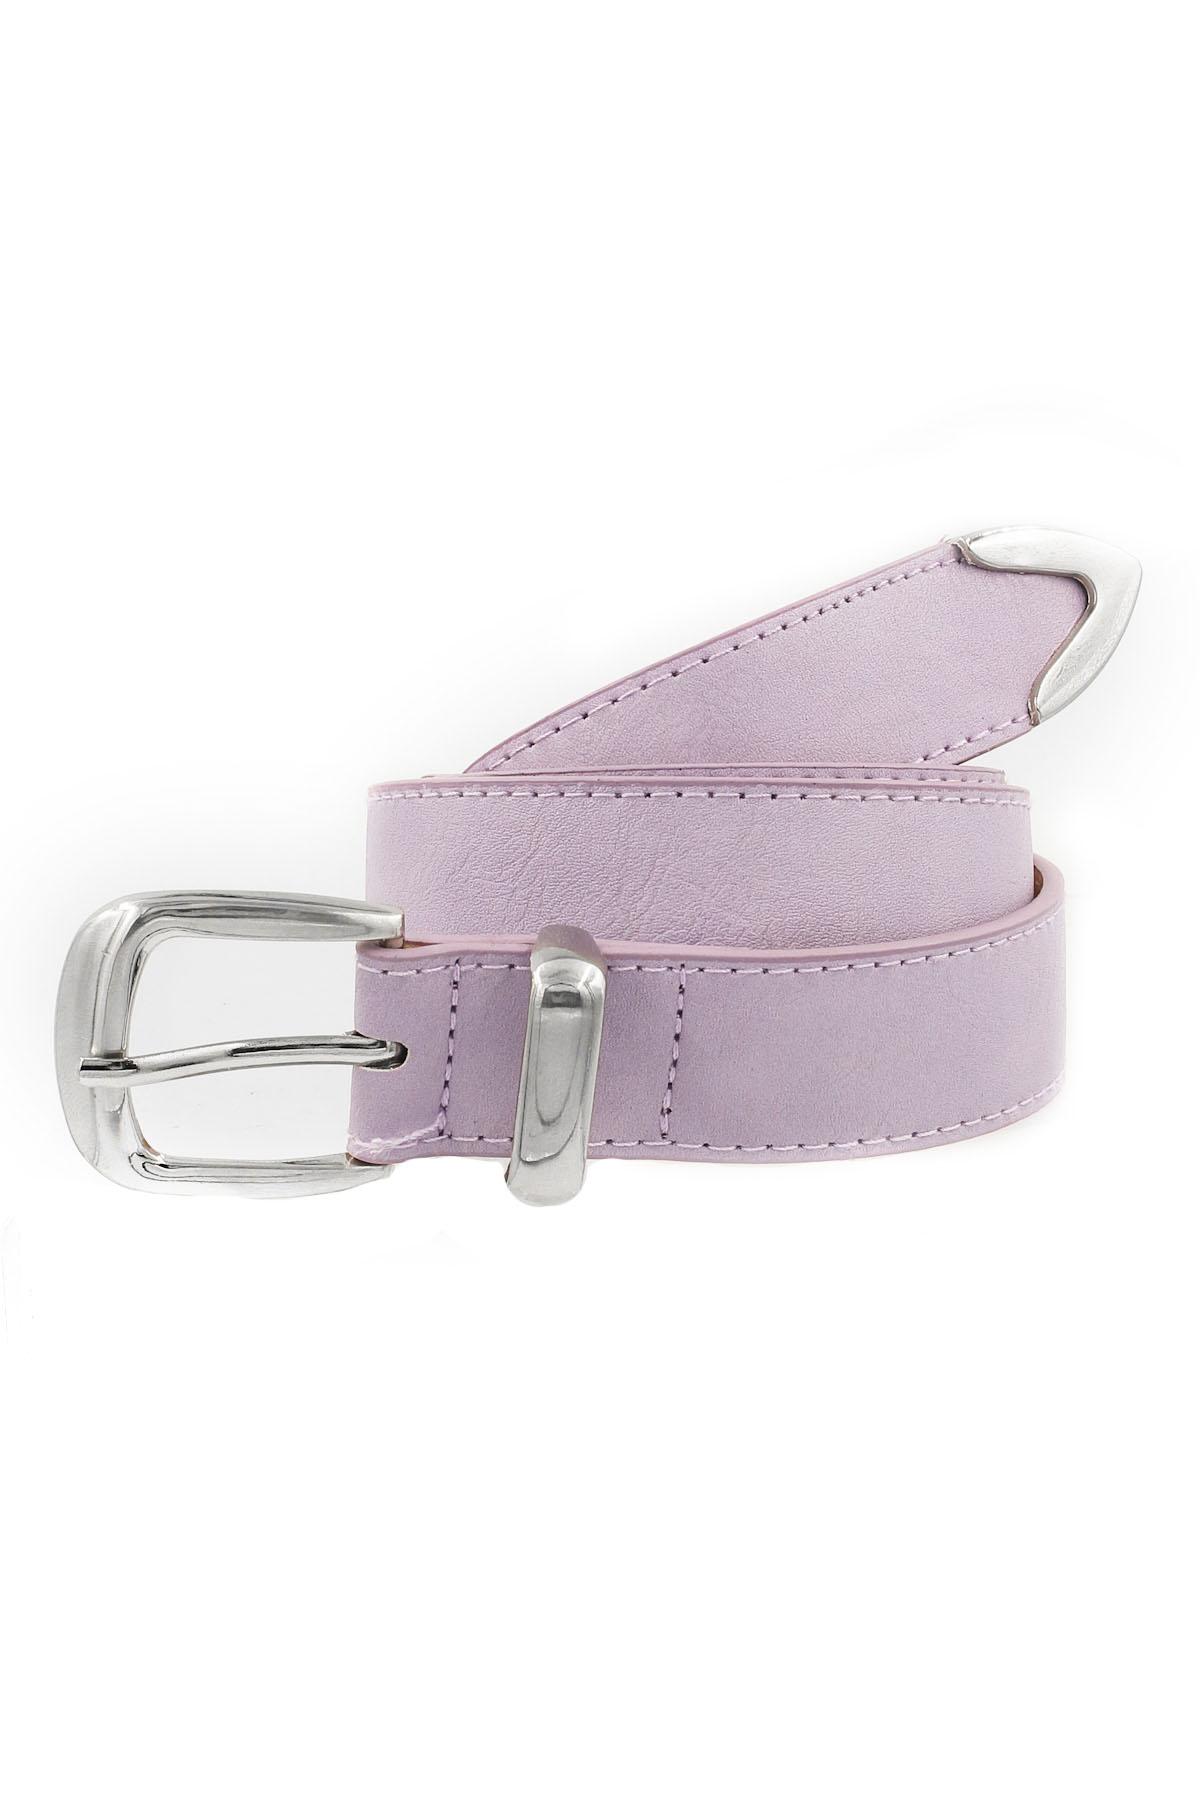 Metal Buckle Faux Leather Belt - Belts